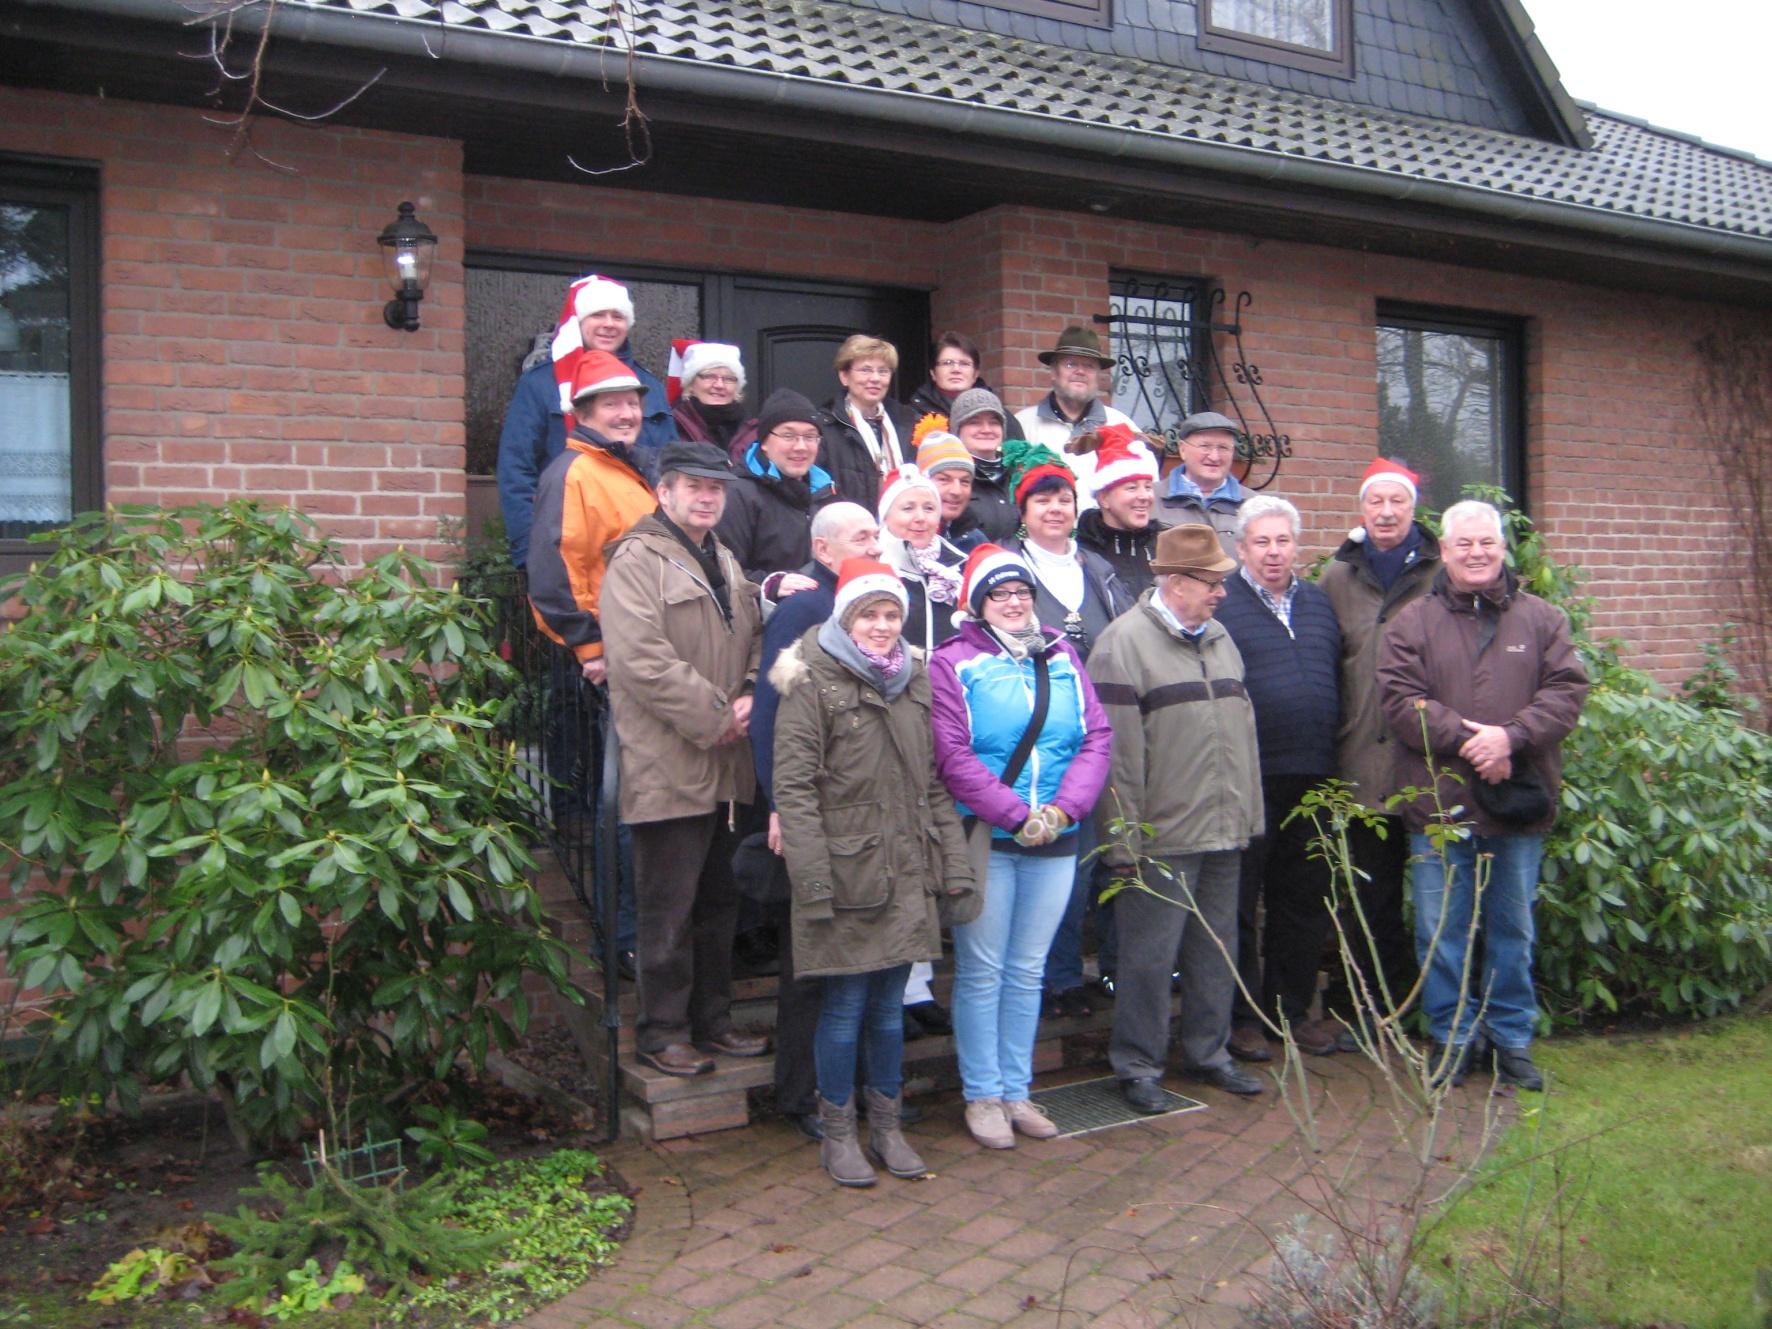 gruppe-weihnacht-2013